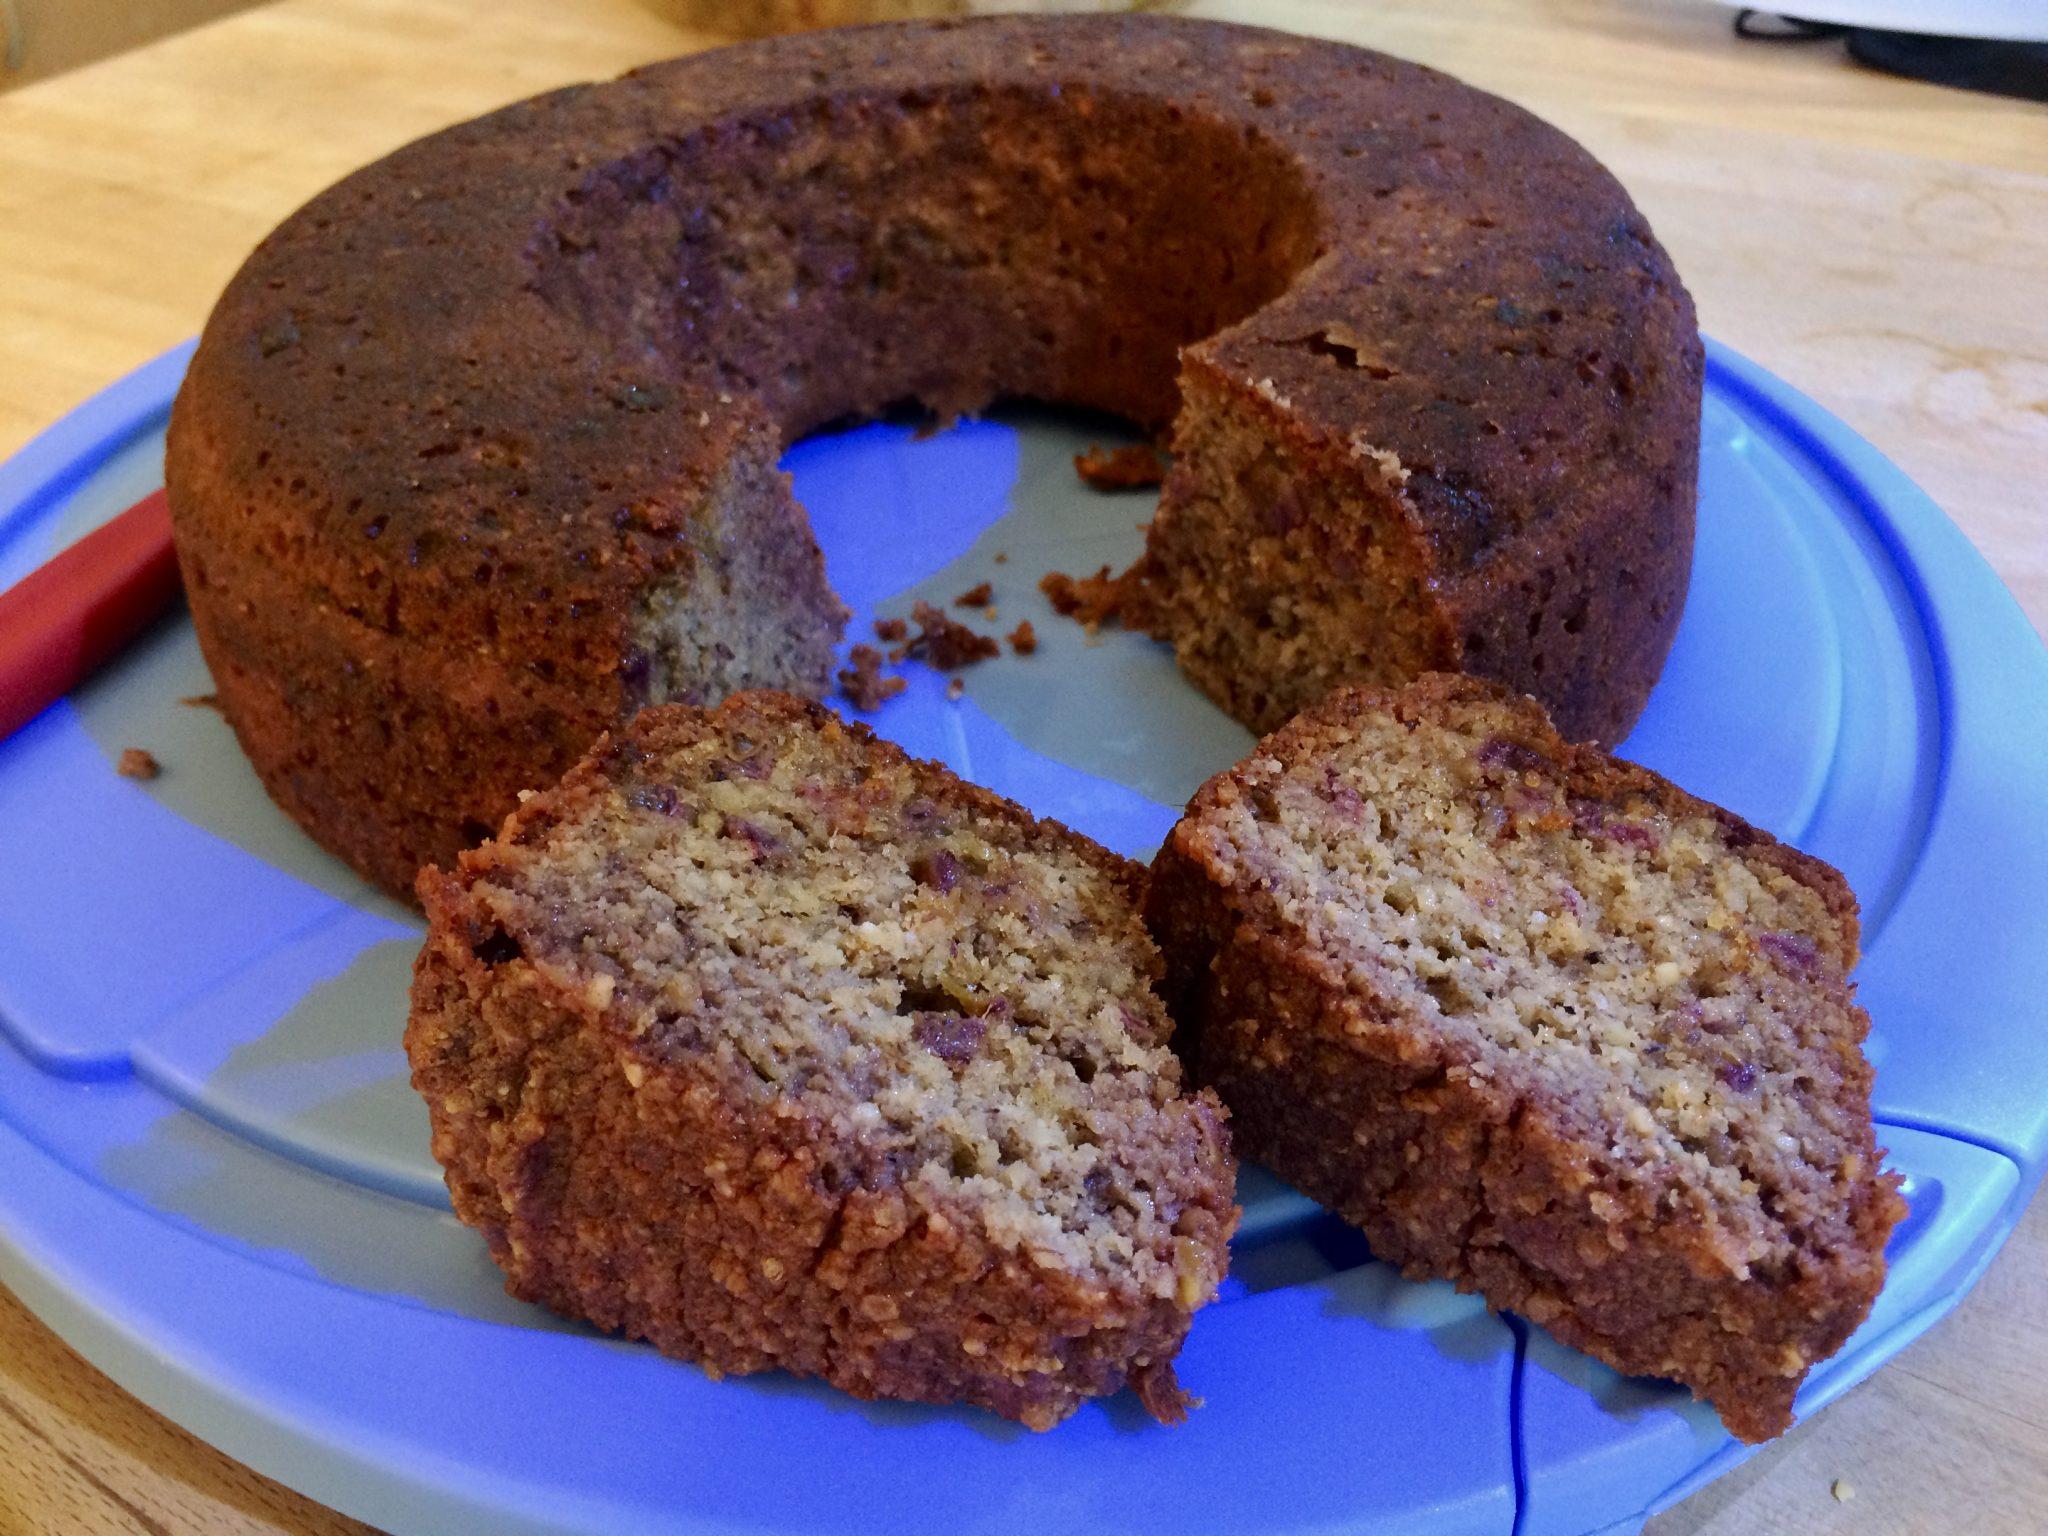 Rezept: Dattel-Nuss-Kuchen im Omnia gegrillt